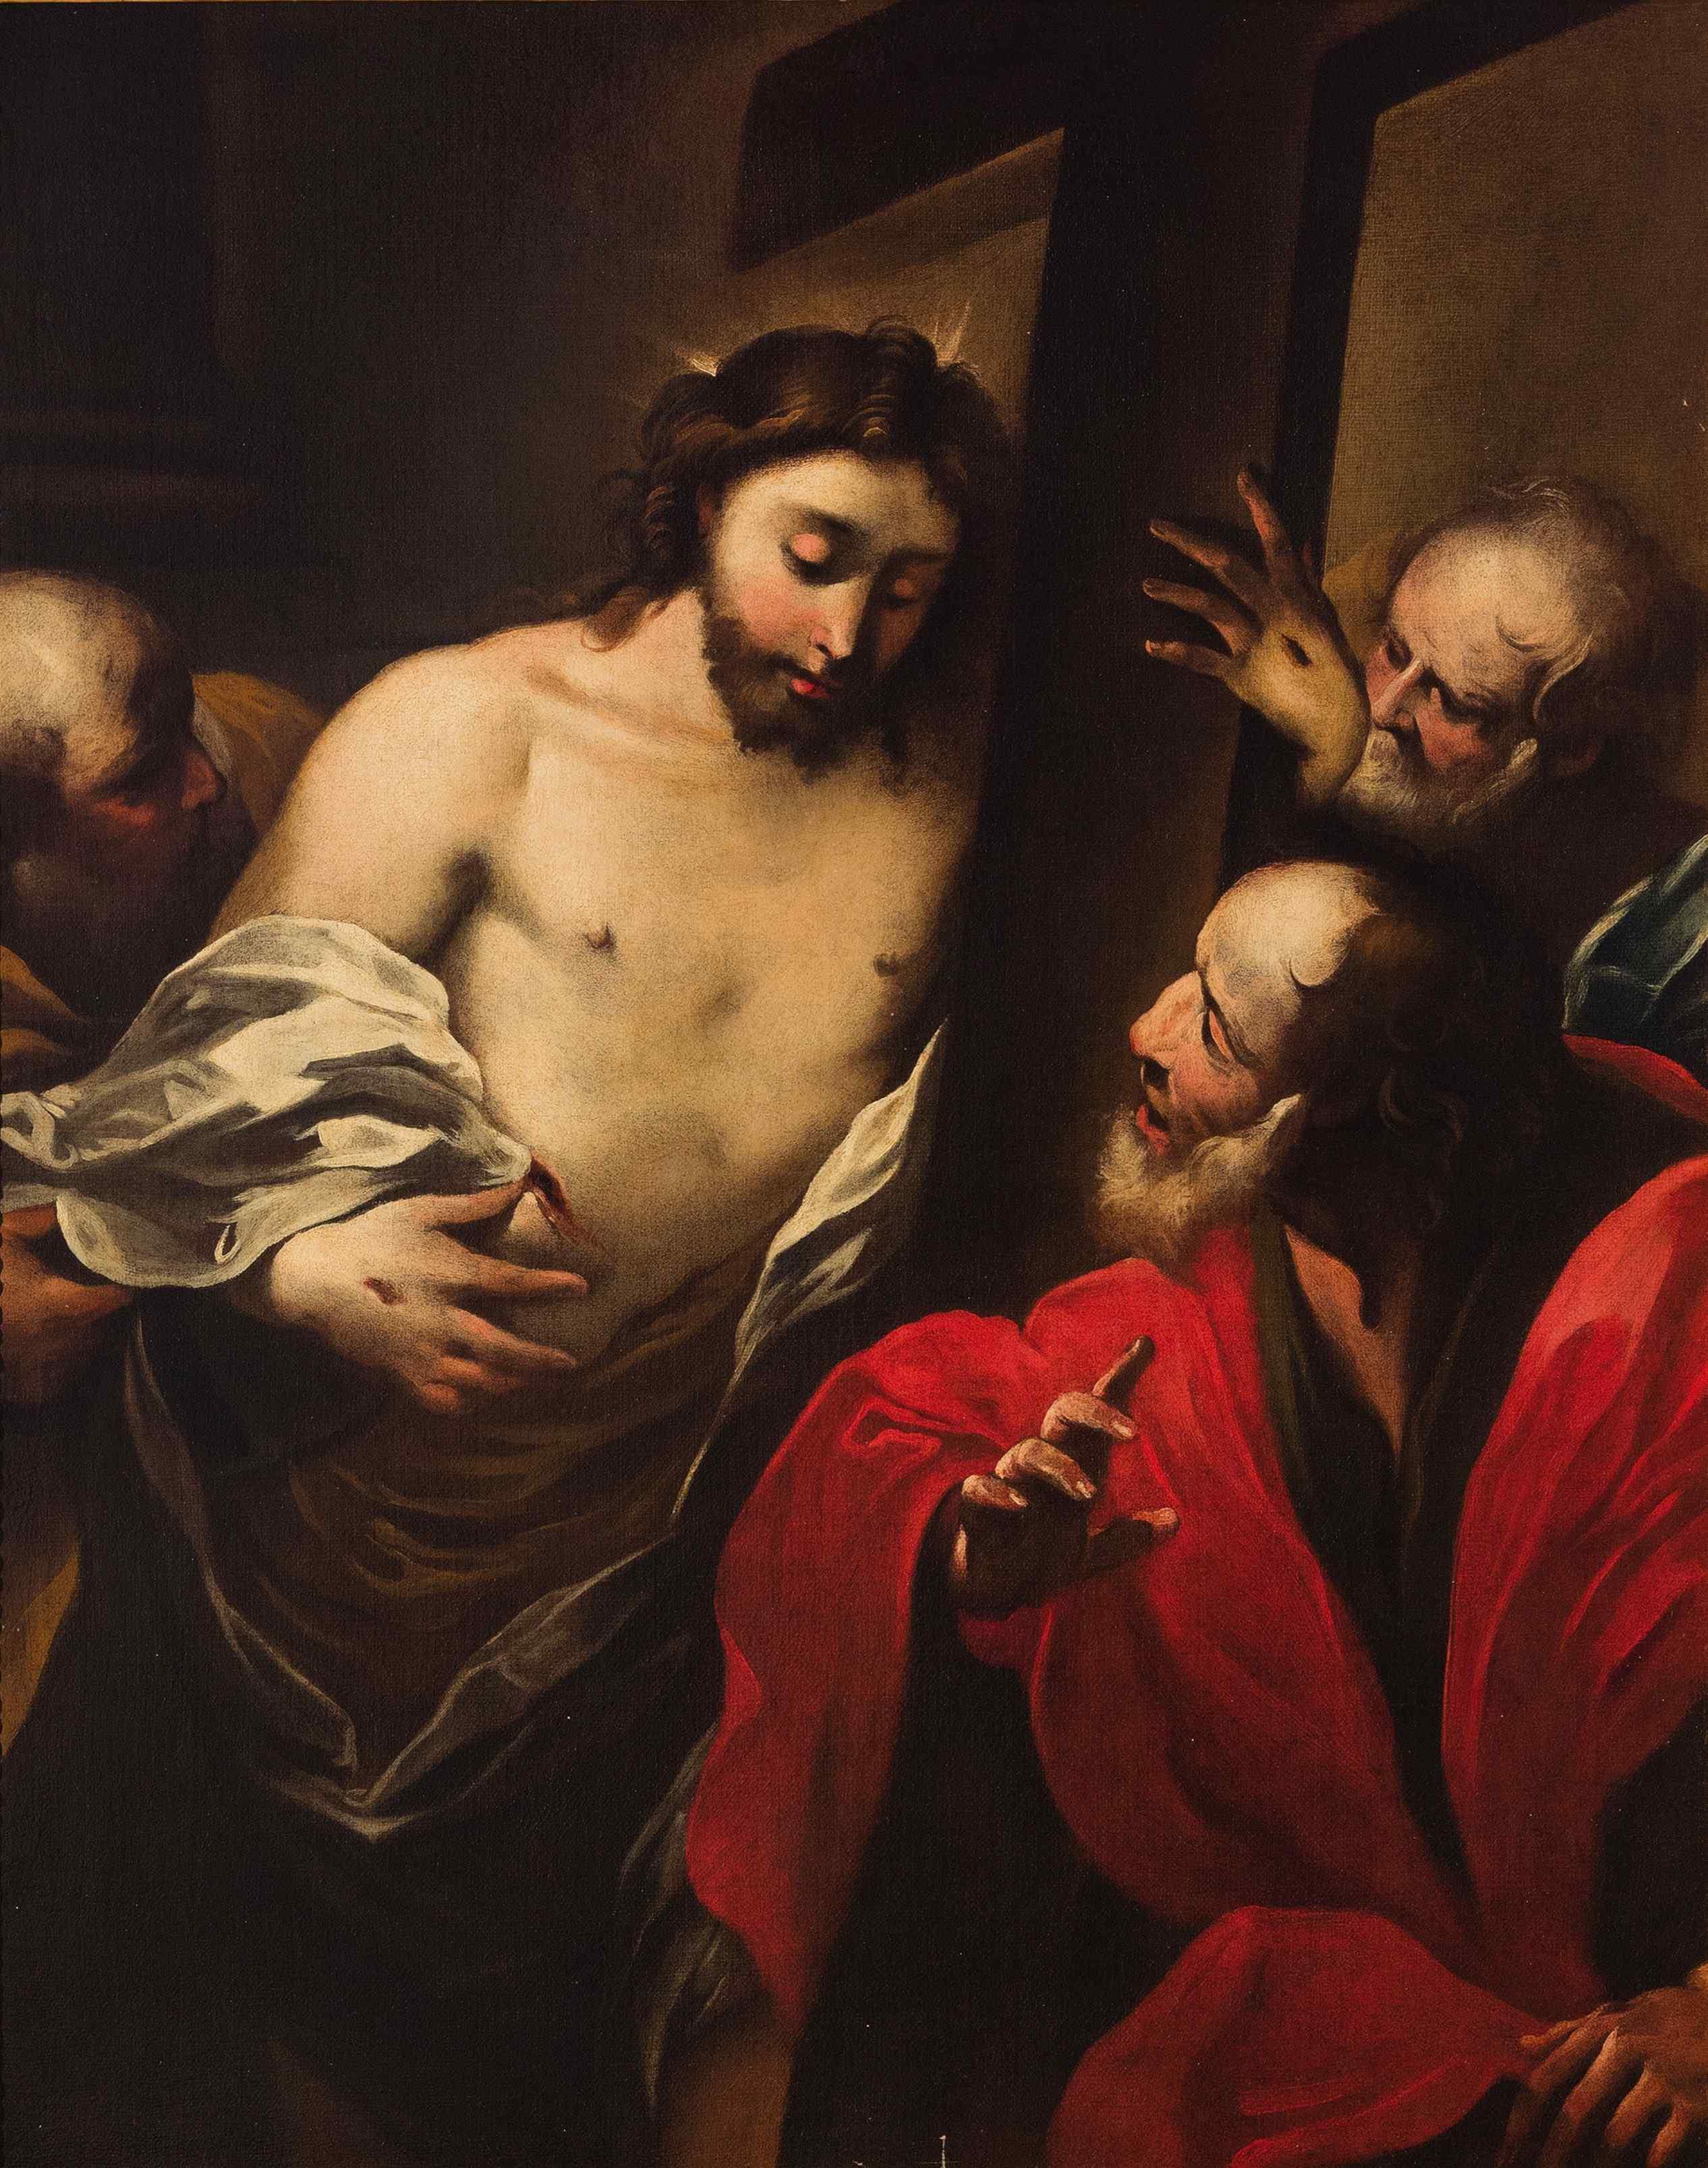 Valerio Castello (1624 - 1659), L'incredulità di S. Tommmaso